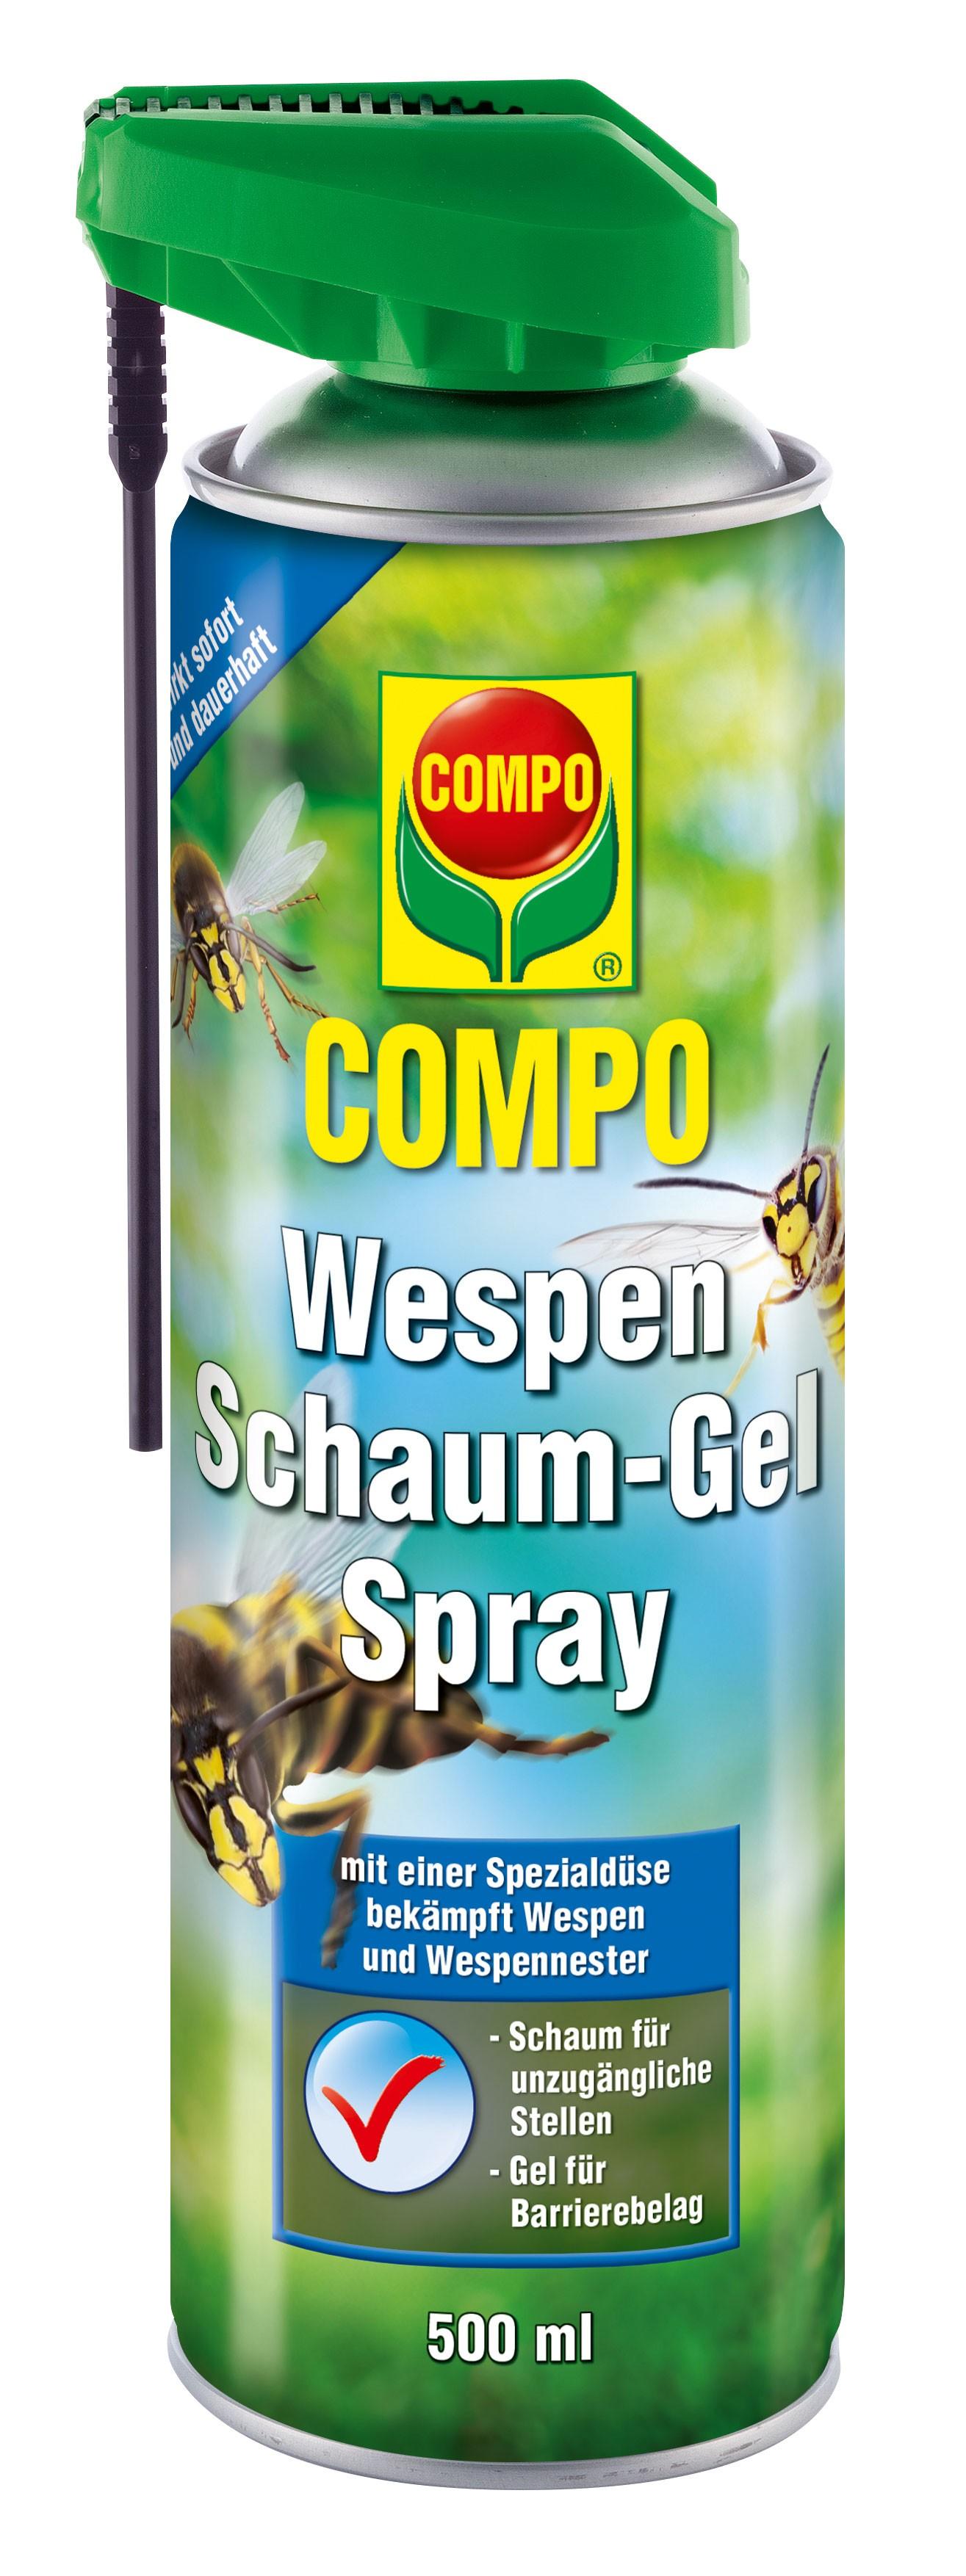 Compo Wespenschaum 500 ml Bild 1